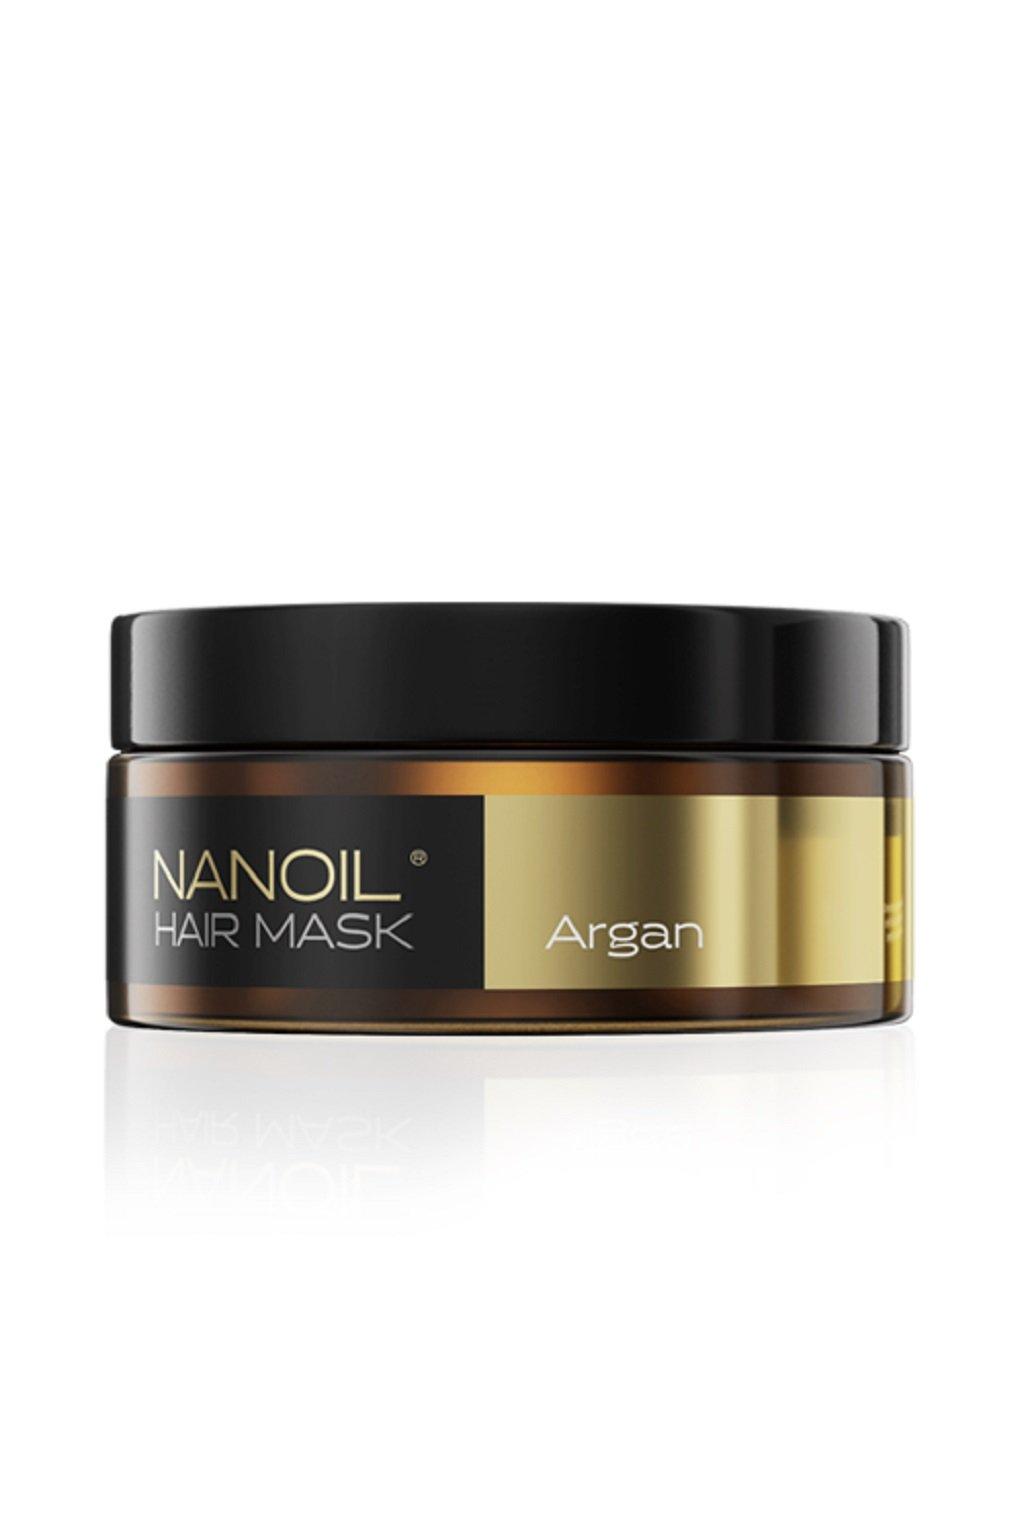 nanoil ARGAN HAIR MASK maska na vlasy s arganovym olejem